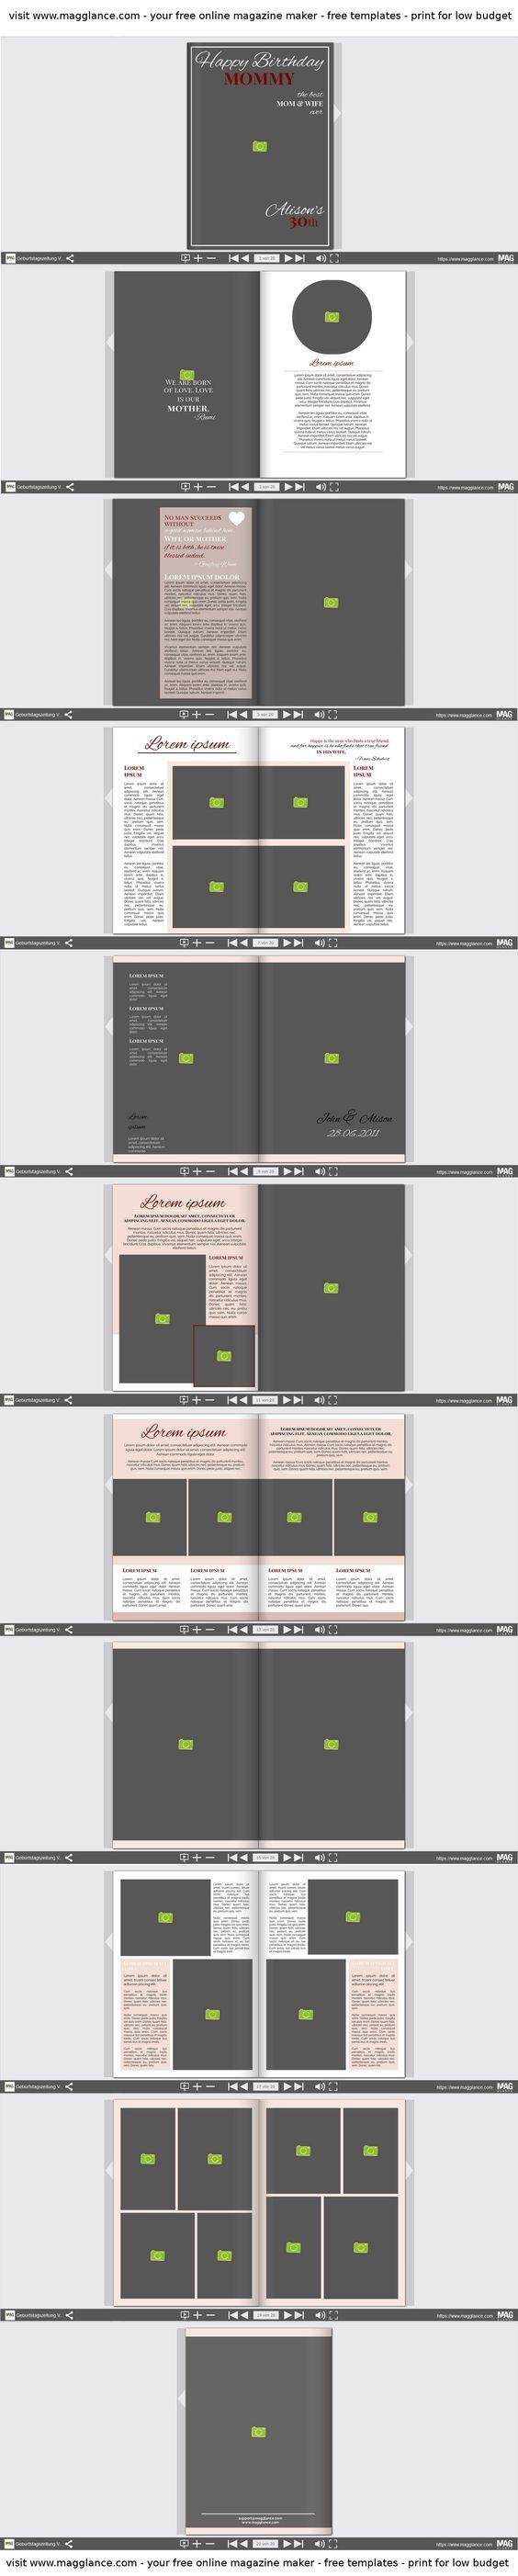 Crea rivista di compleanno gratis online e stampa a un prezzo conveniente su  https://it.magglance.com/rivista-di-compleanno/crea-rivista-di-compleanno #rivista #magazine #rivistadicompleanno  #template #design #modello #esempio #progetta #crea #regalodimatrimonio #layout #idea